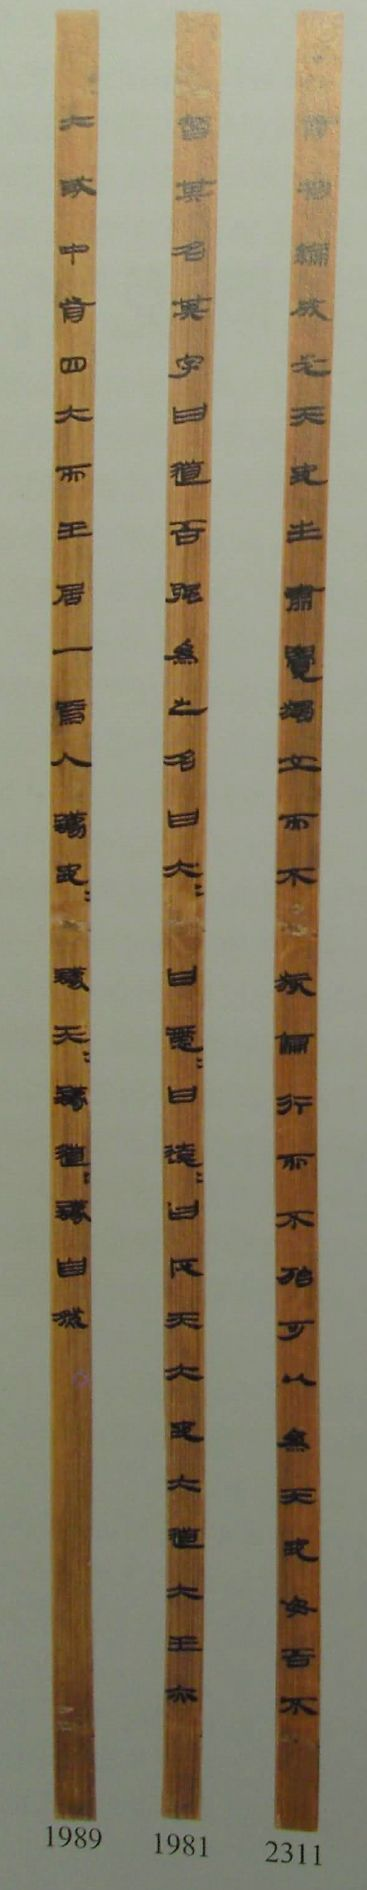 LaoTzu_Bamboo